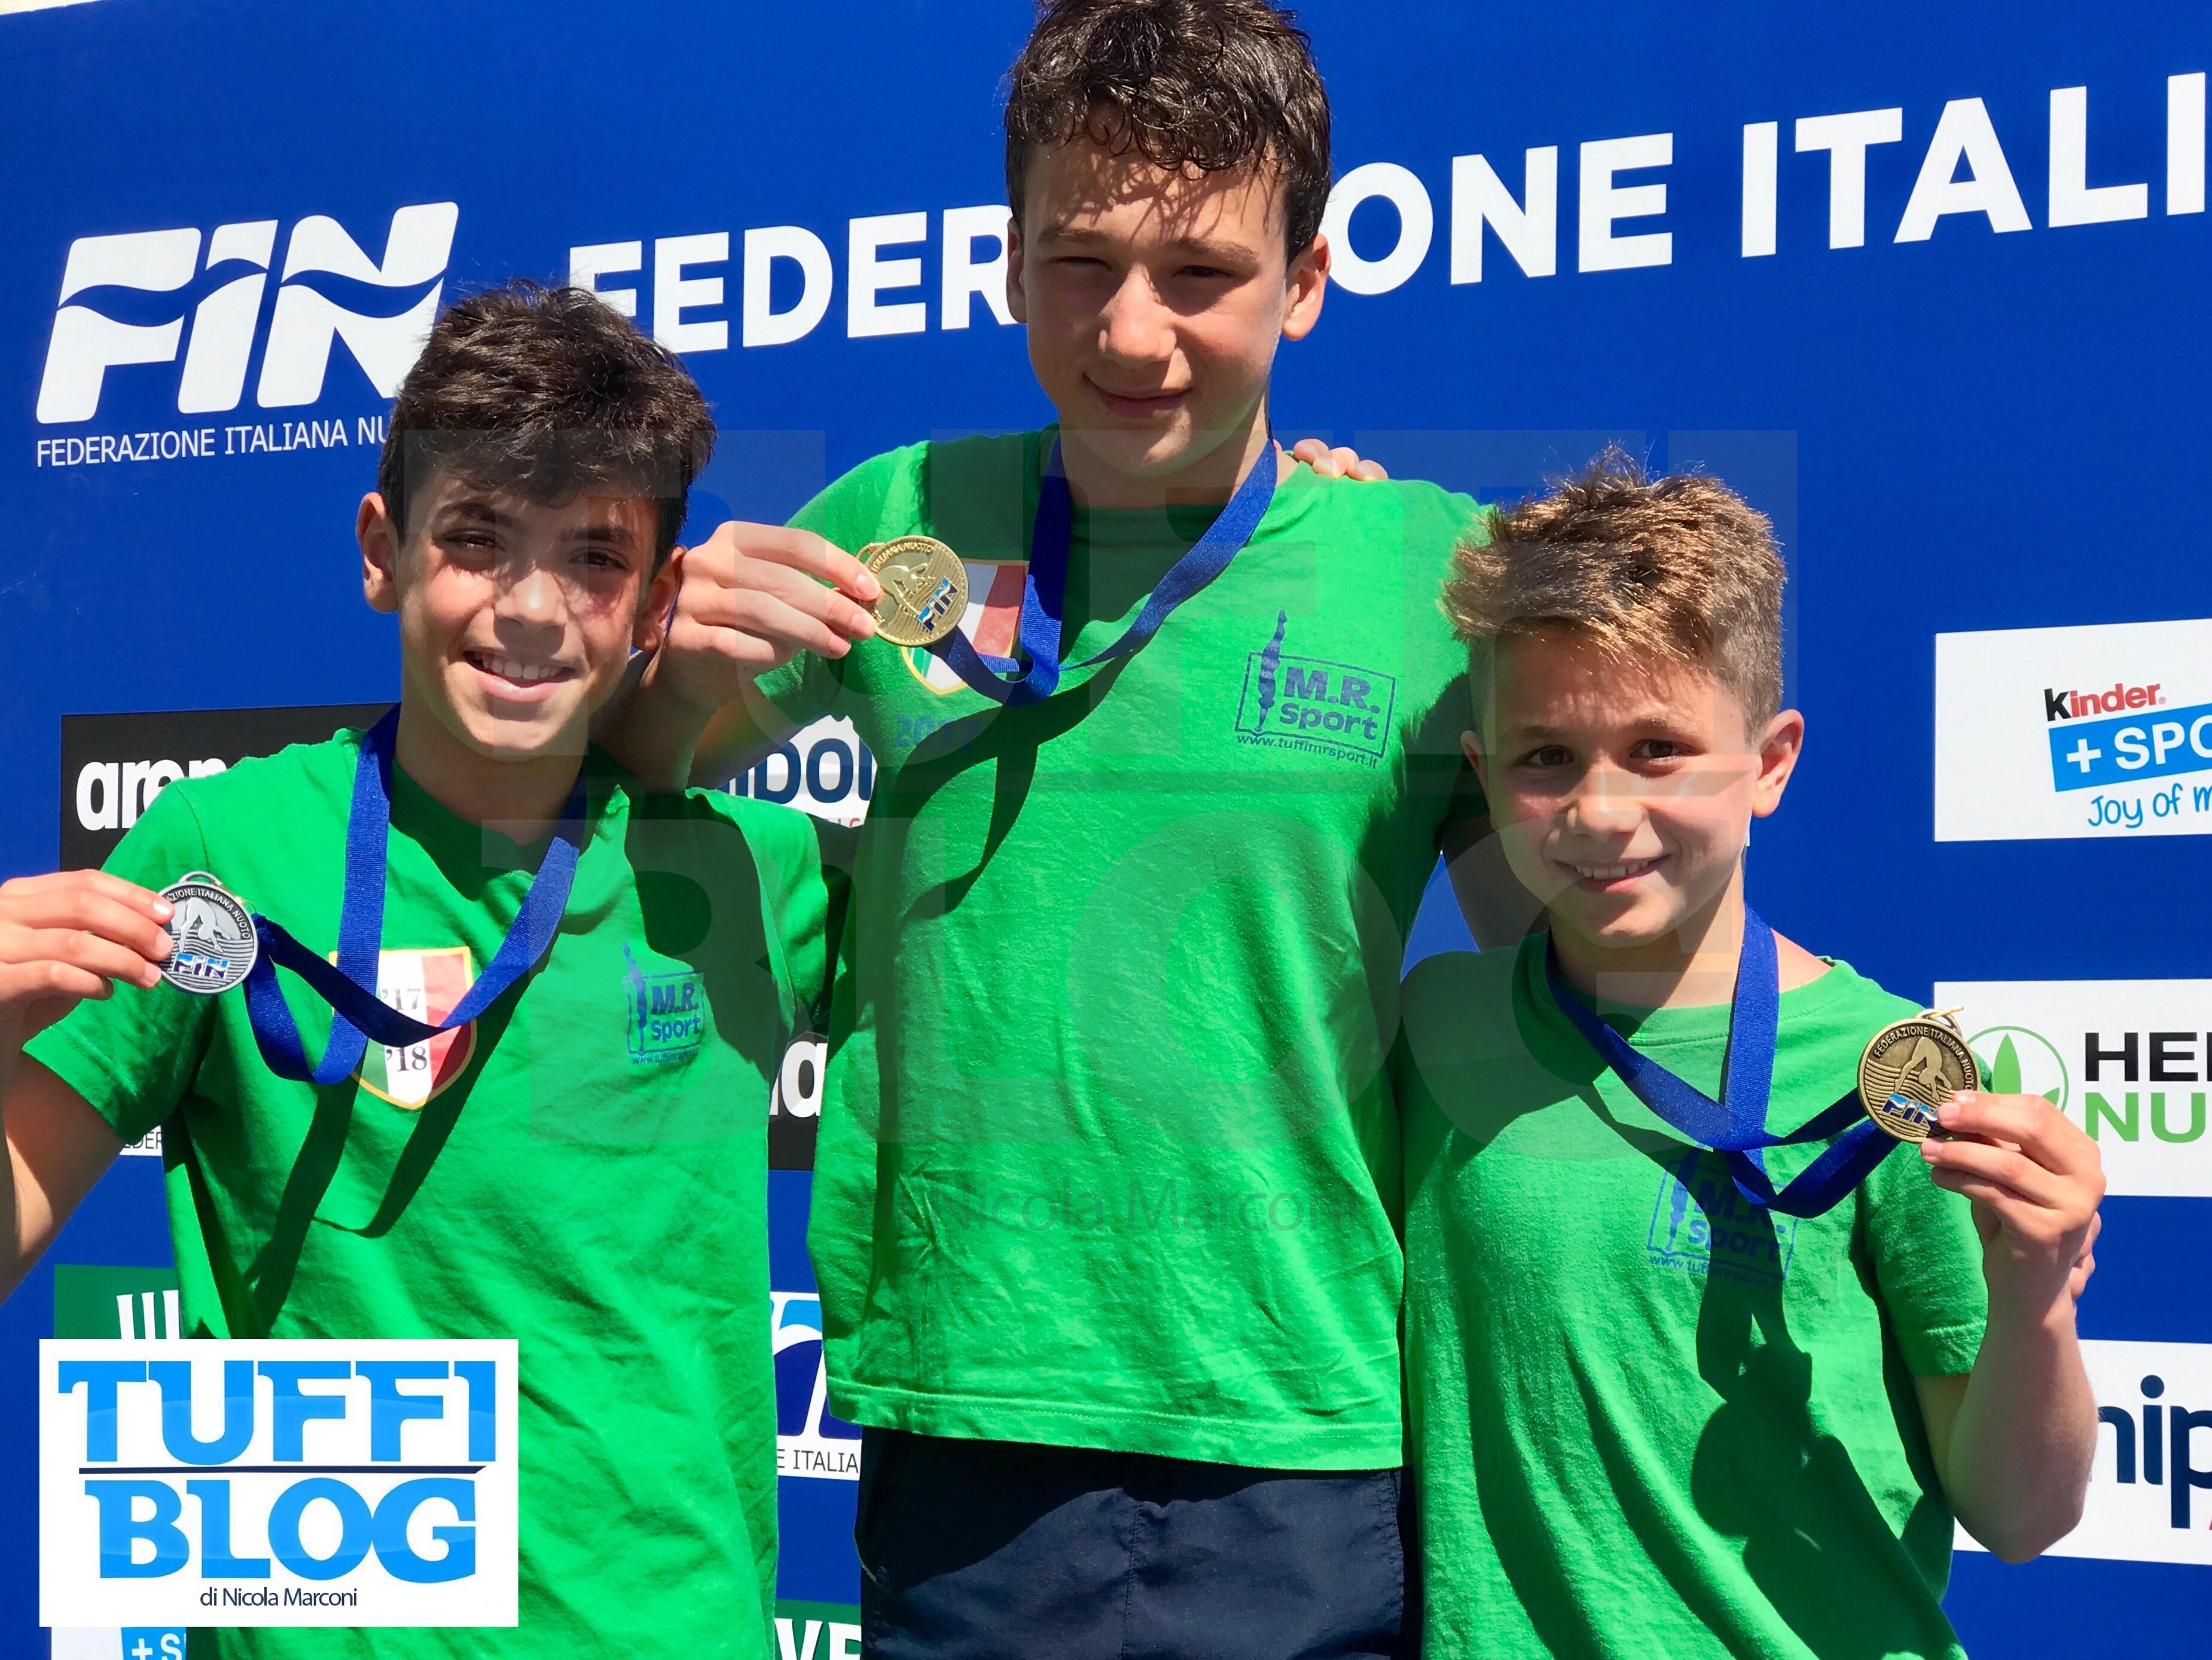 GP Atleti Azzurri d'Italia: Roma - i risultati di domenica mattina.